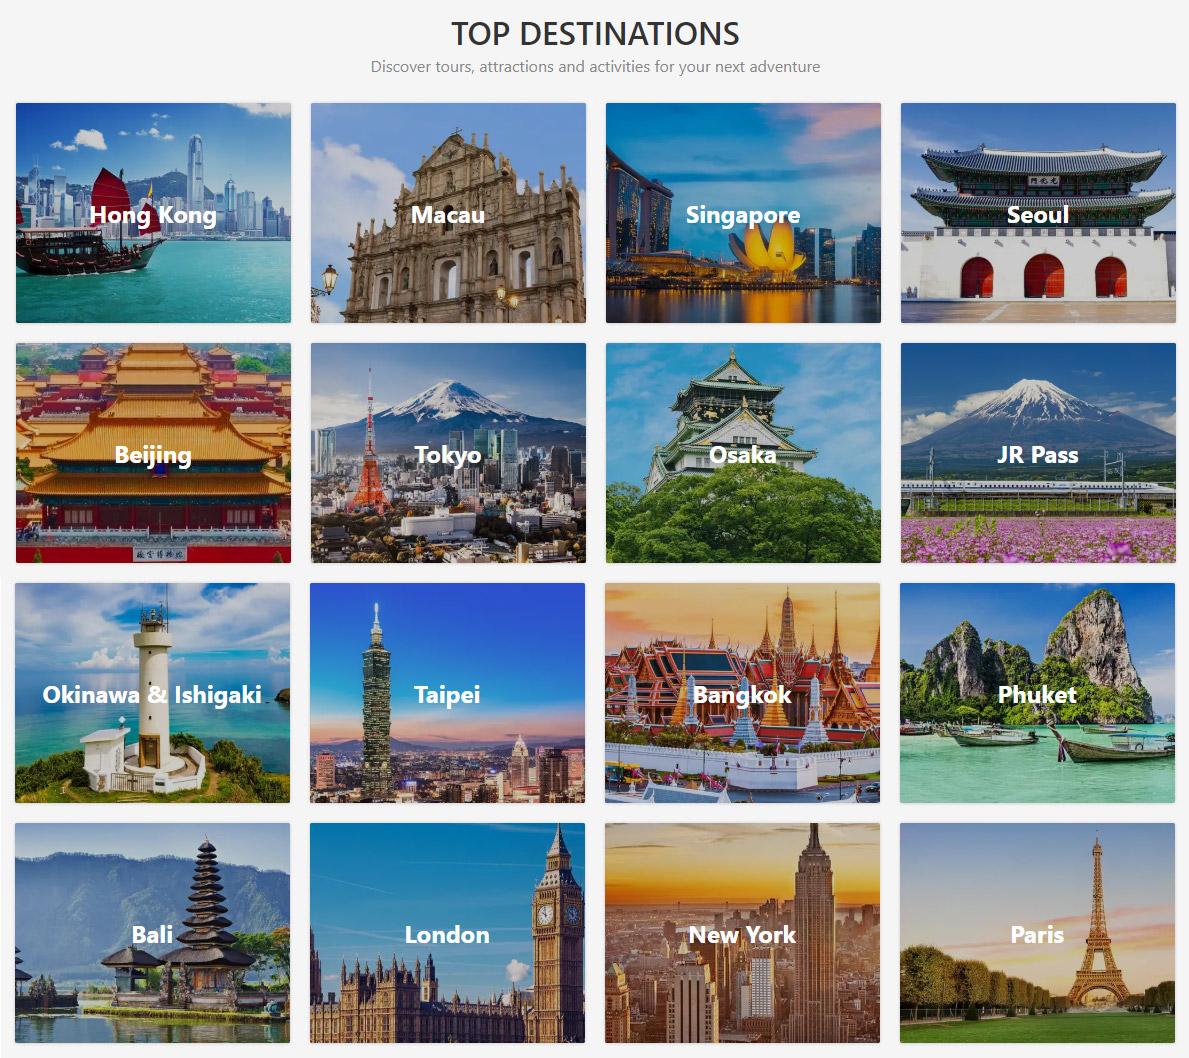 Klooks mest populære destinasjoner